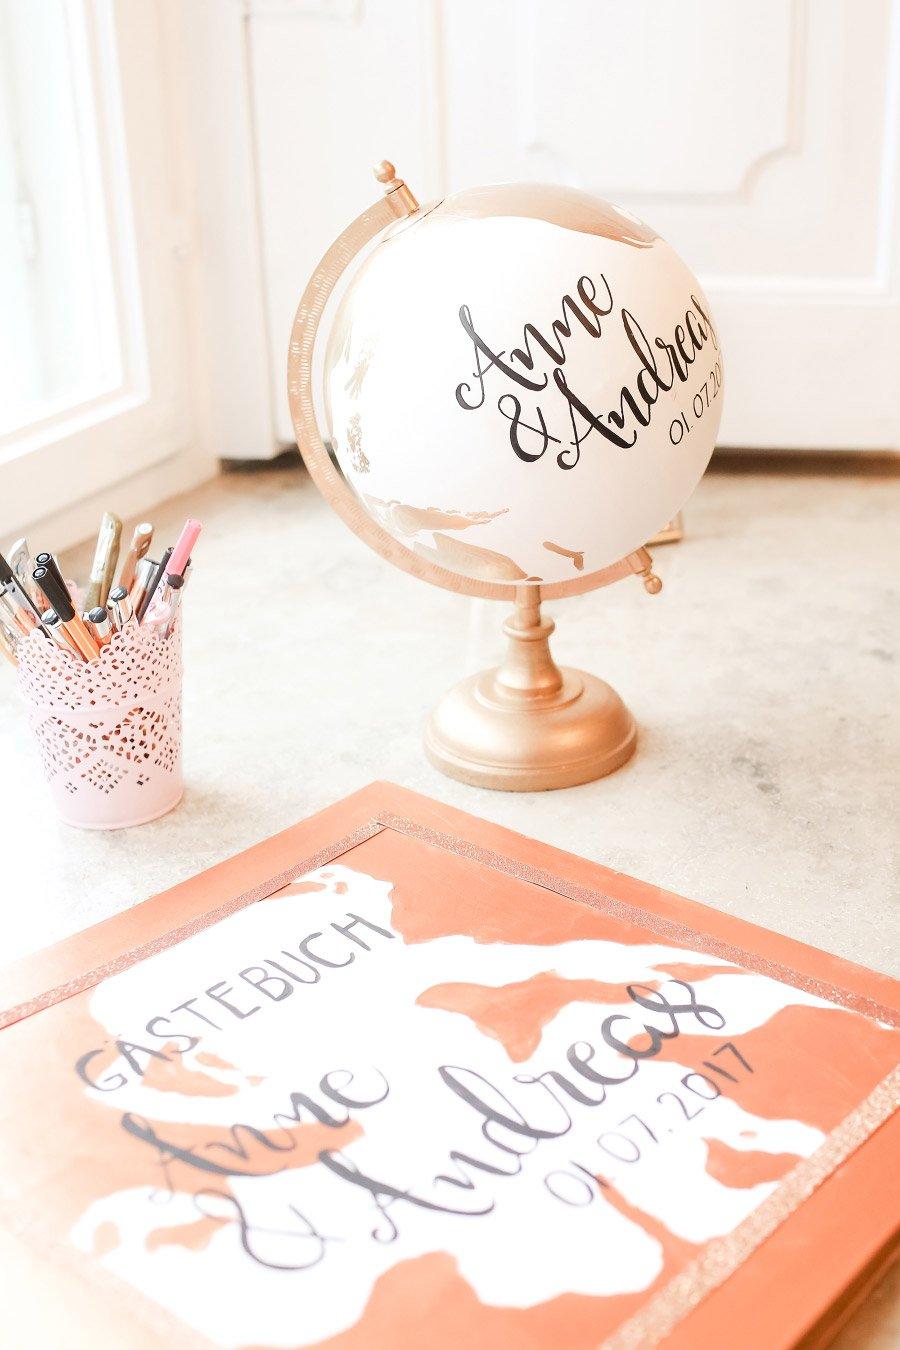 Globus als Gästebuch bei der Hochzeit